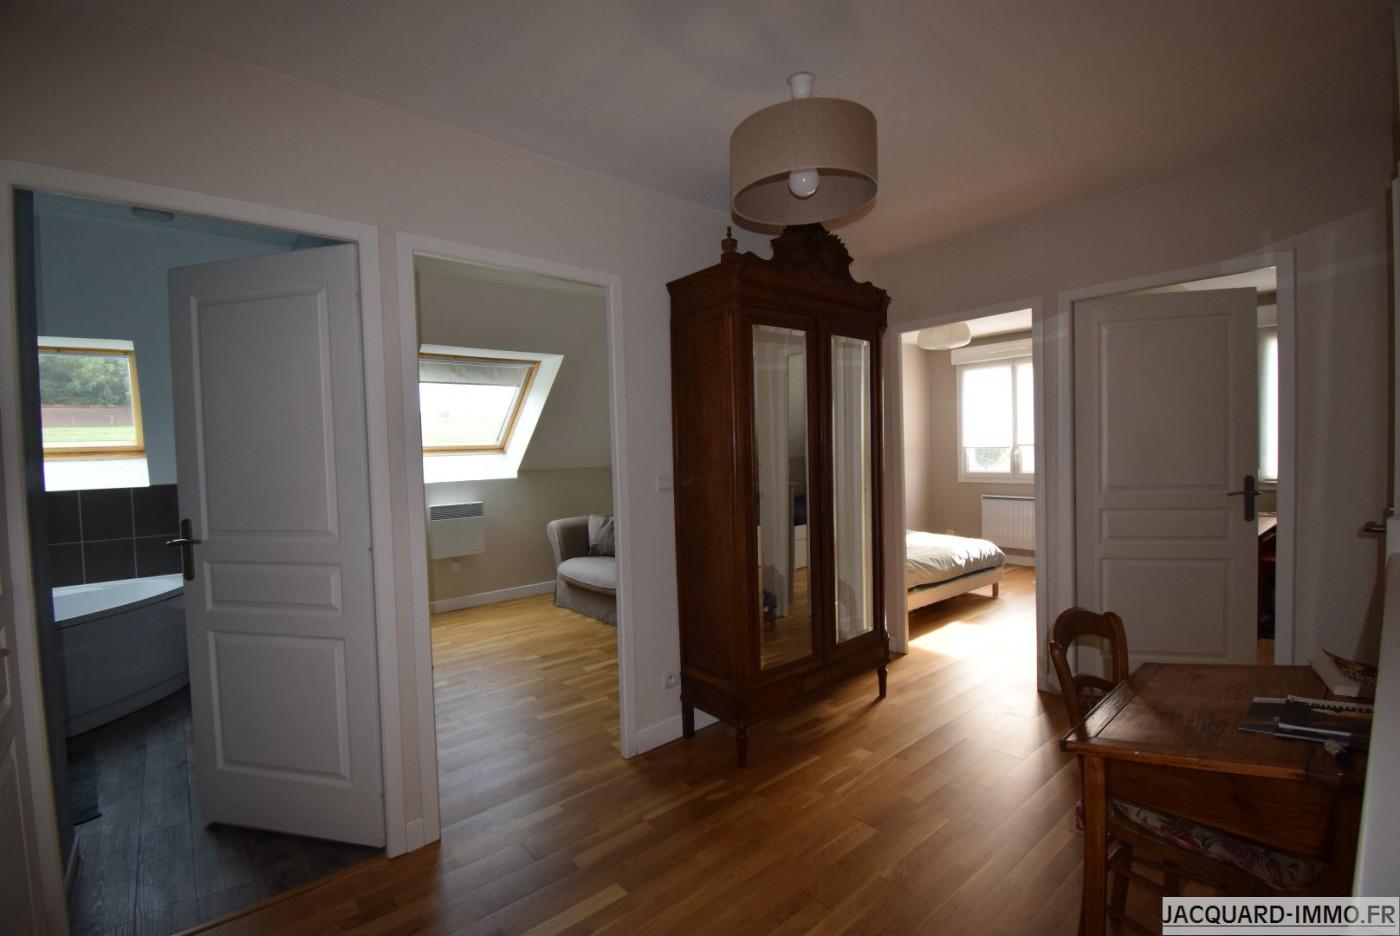 A vendre Peuplingues 620049763 Jacquard immobilier